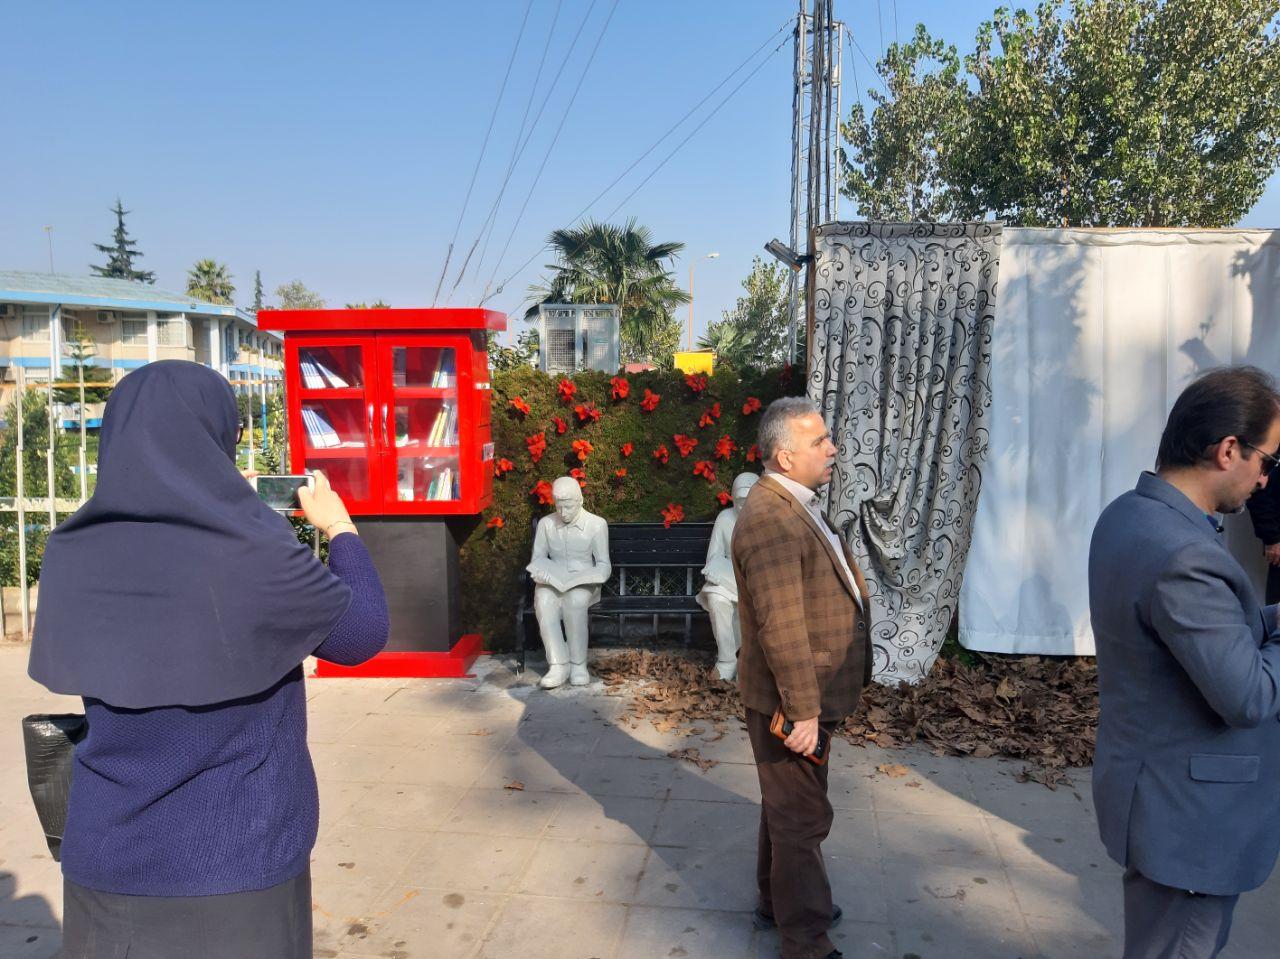 افتتاح المان کتاب شهرستان لاهیجان توسط فرماندار شهرستان لاهیجان